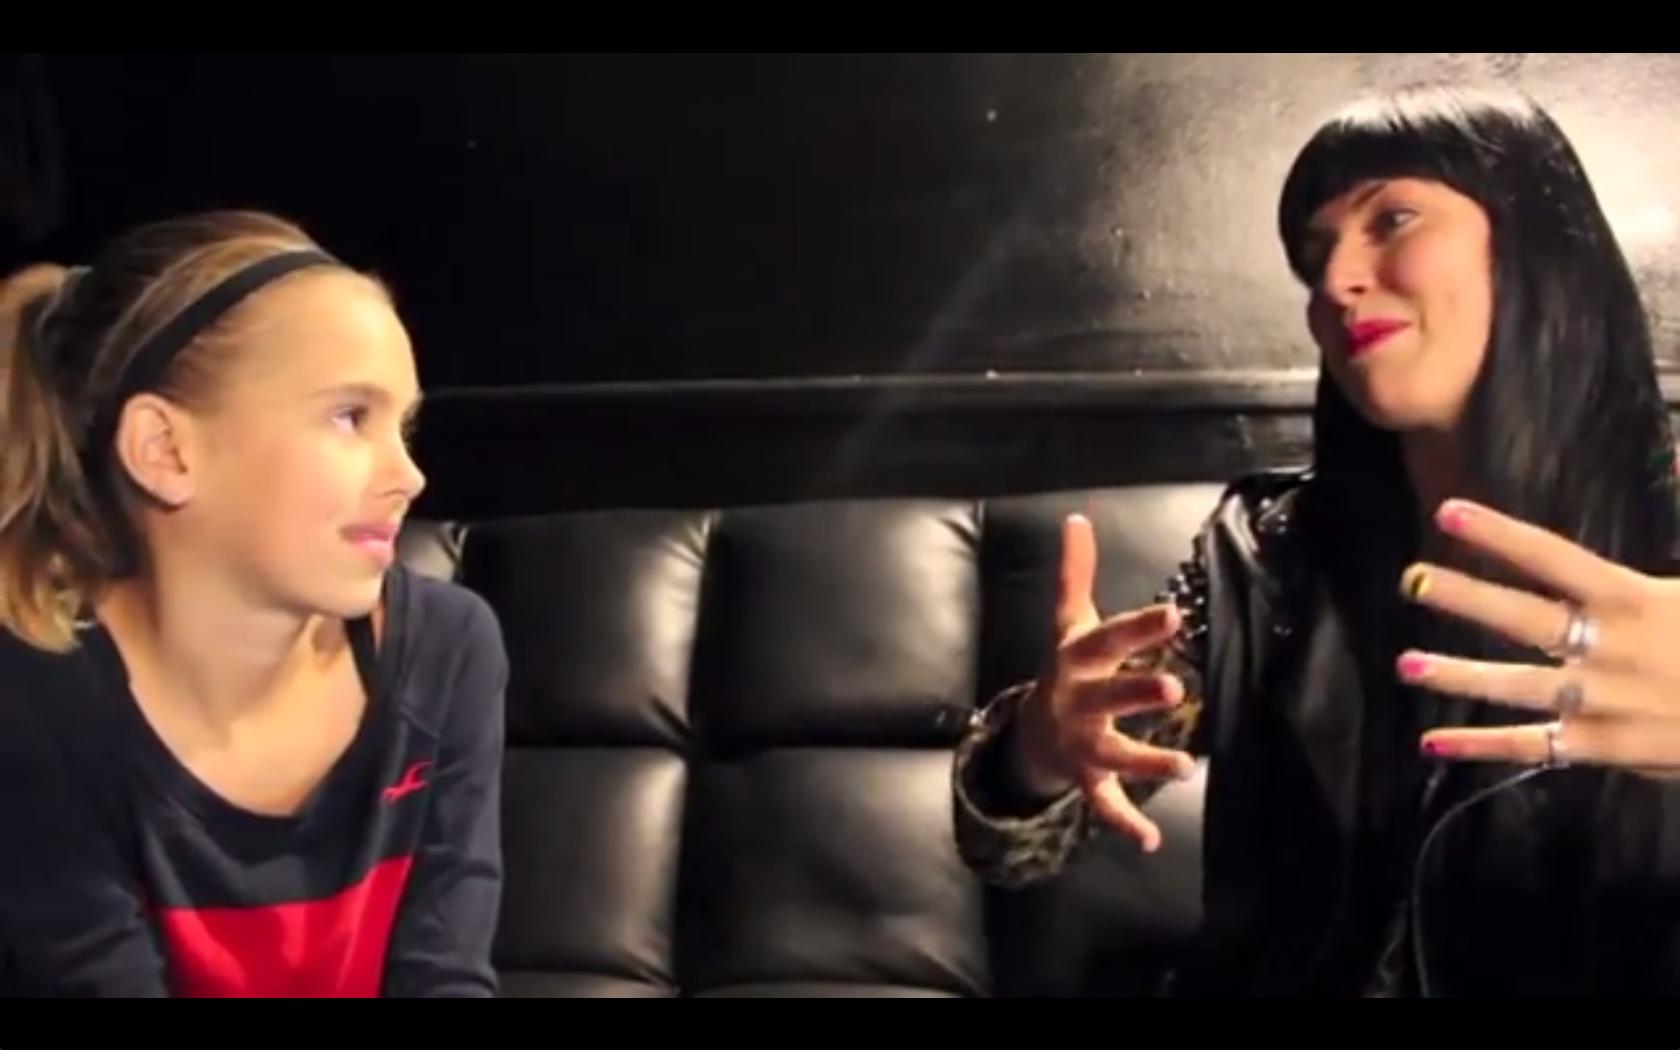 Watch A Kid Interview Sleigh Bells' Alexis Krauss